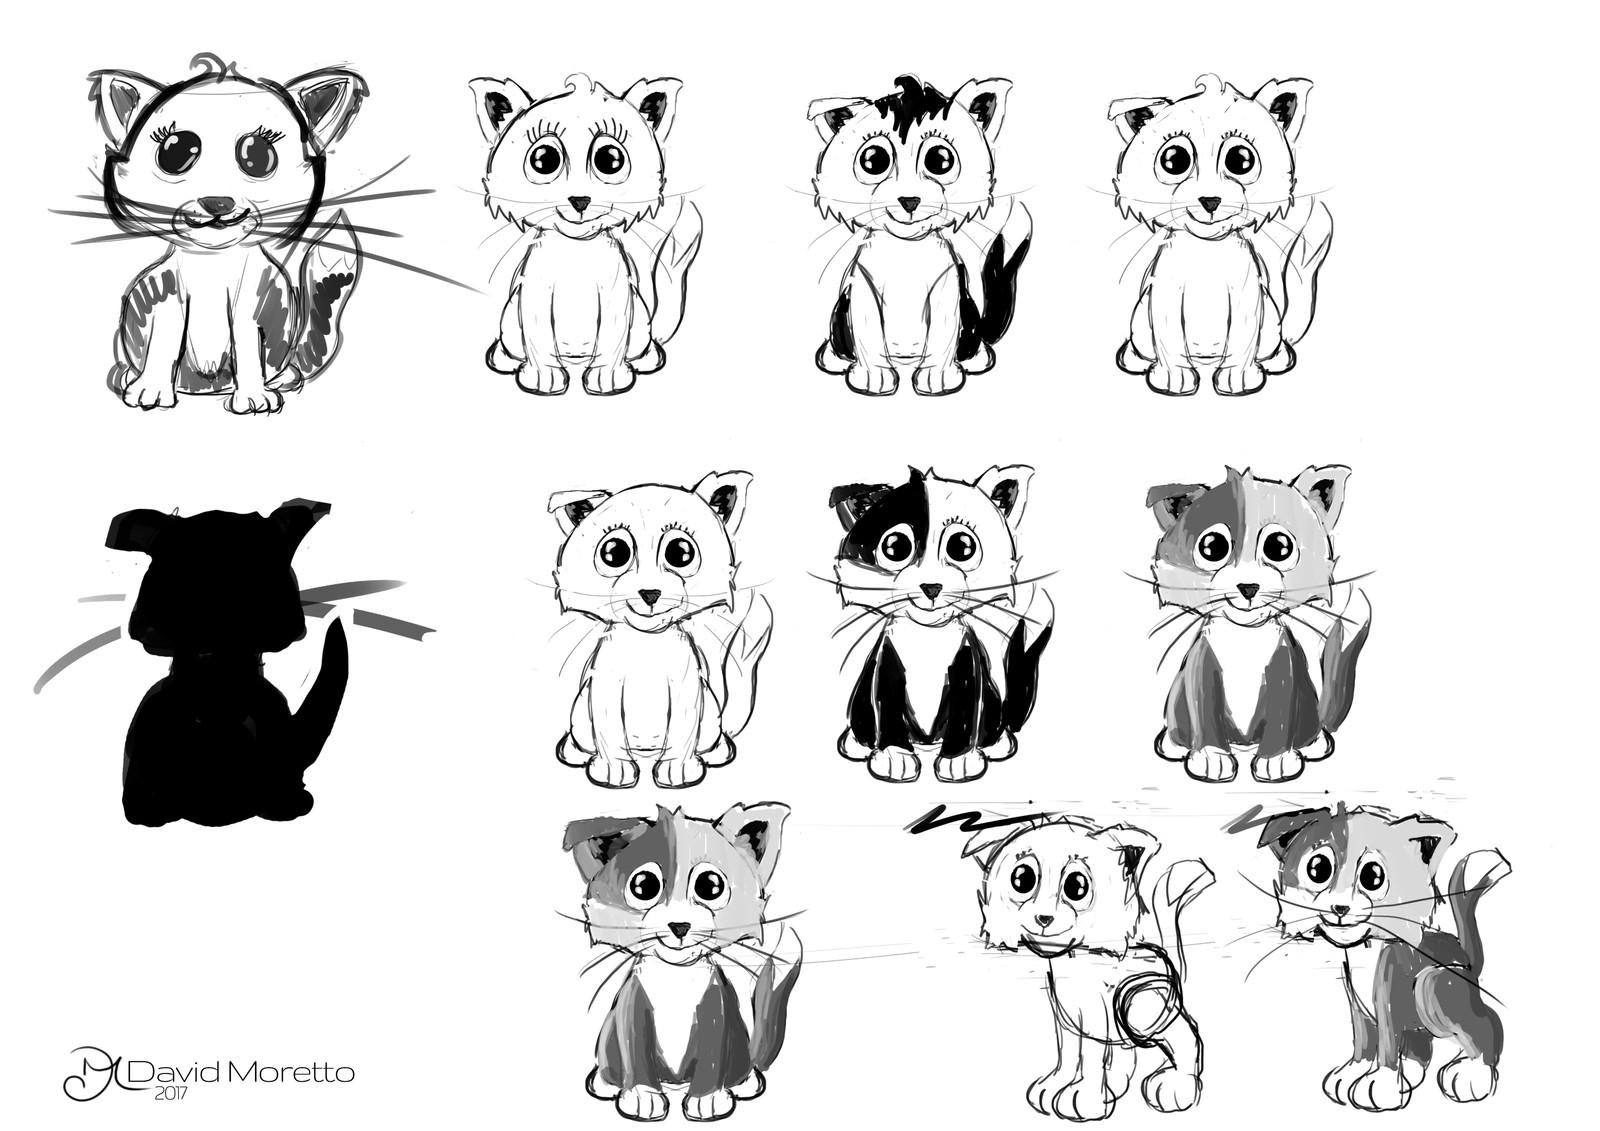 some cat studies